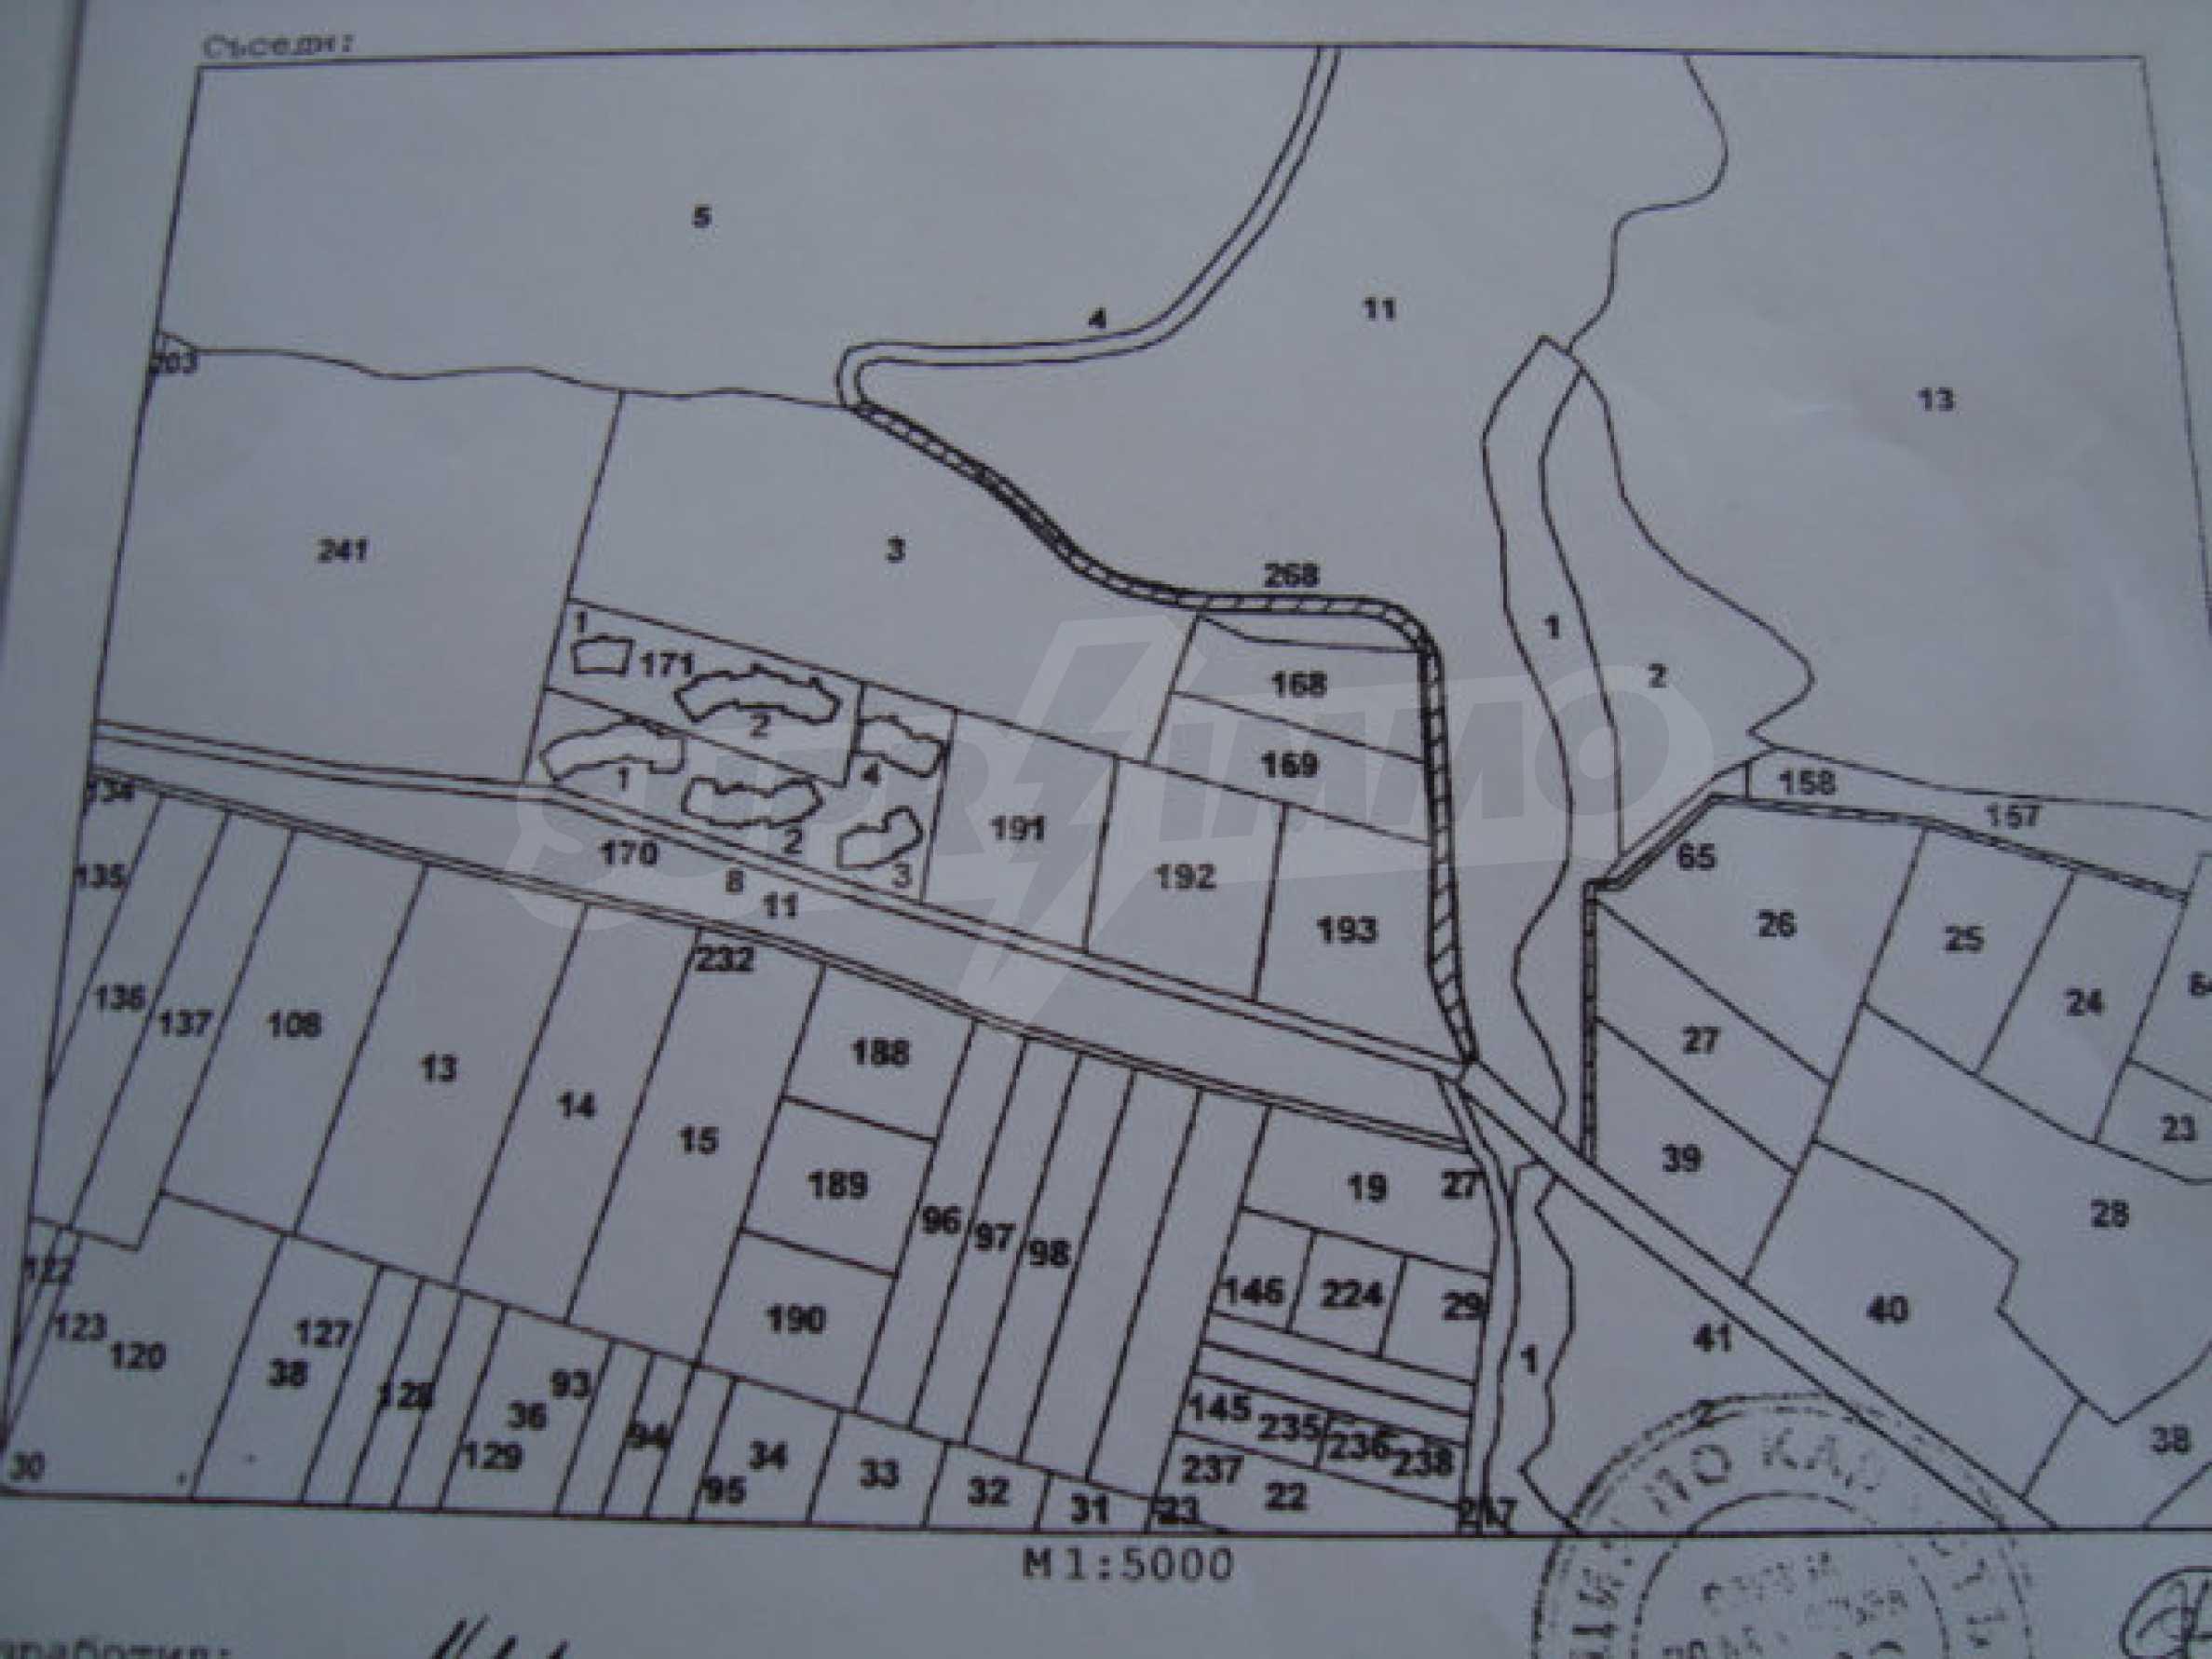 Land zum Verkauf in der Nähe von Sunny Beach 8